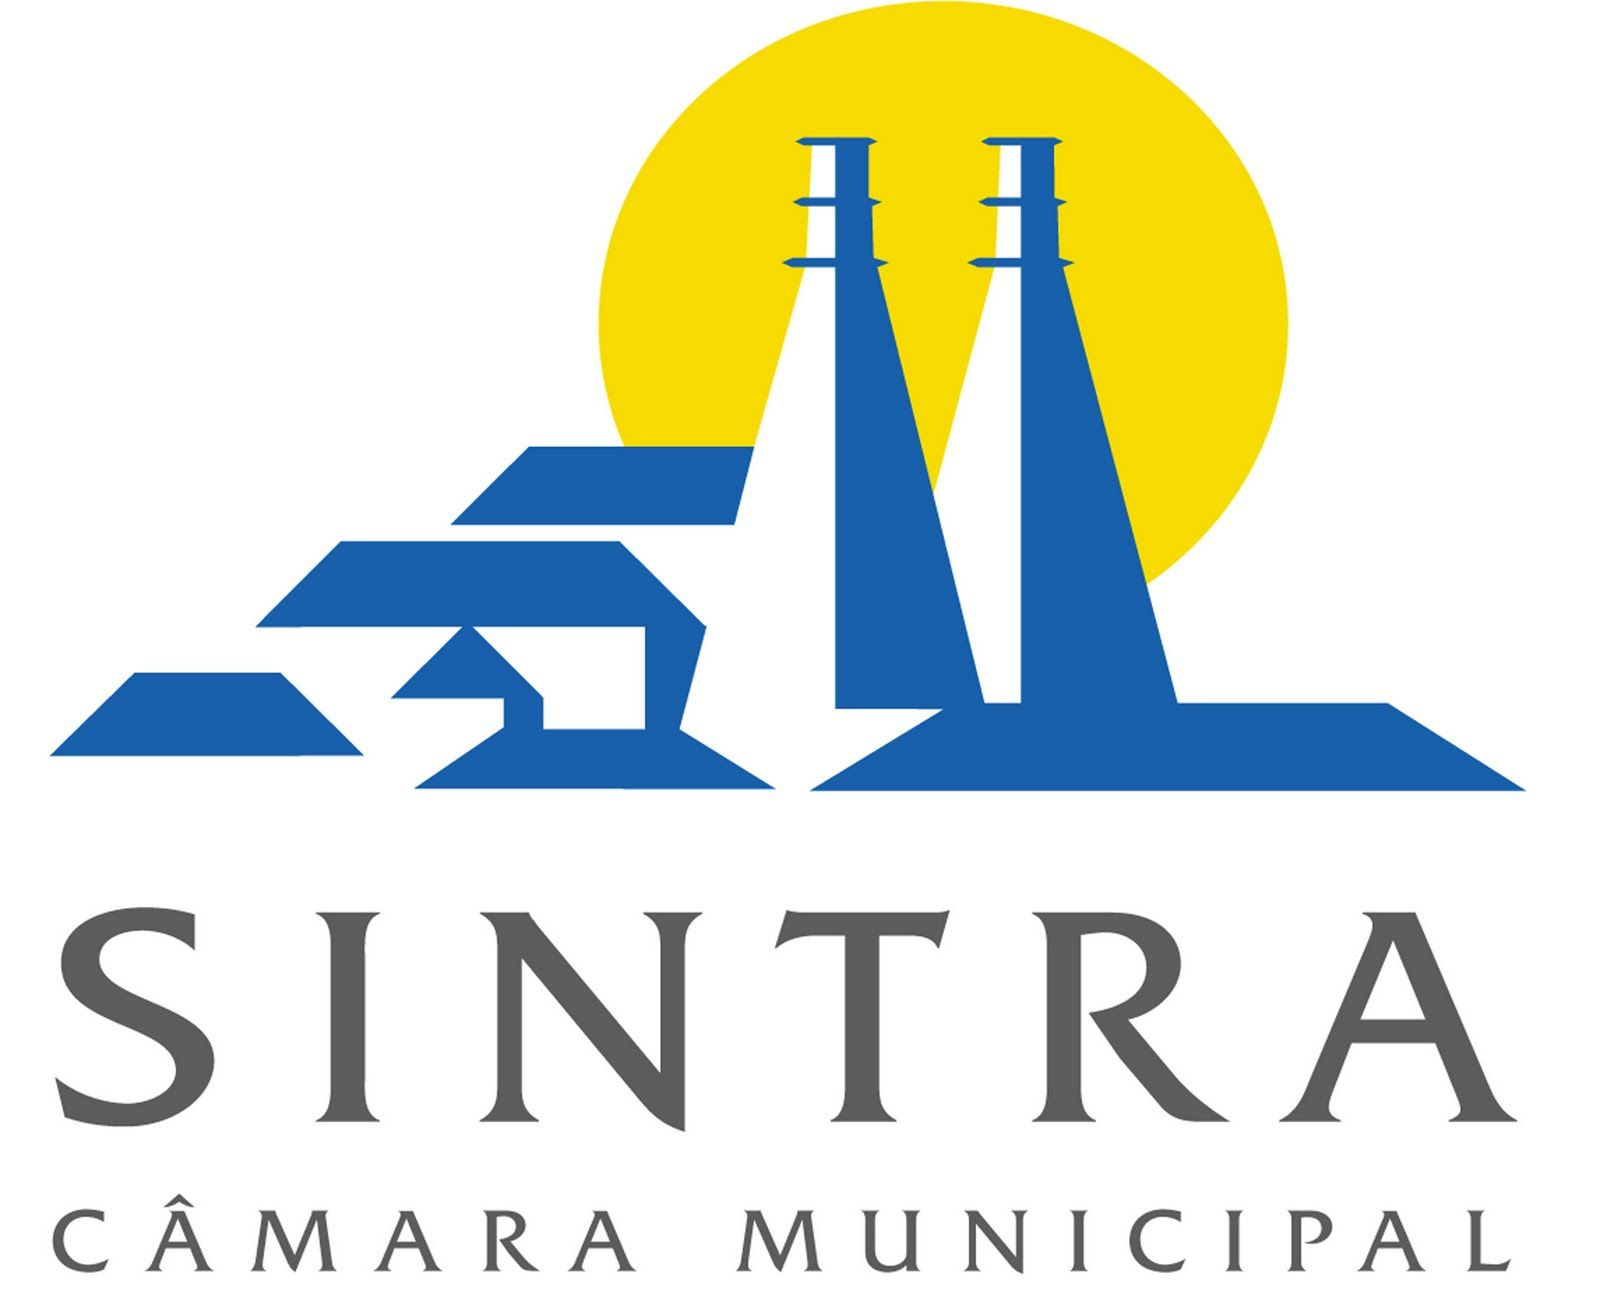 Câmara Municipal de Sintra - Portugal   City branding, Love logo, Logo branding